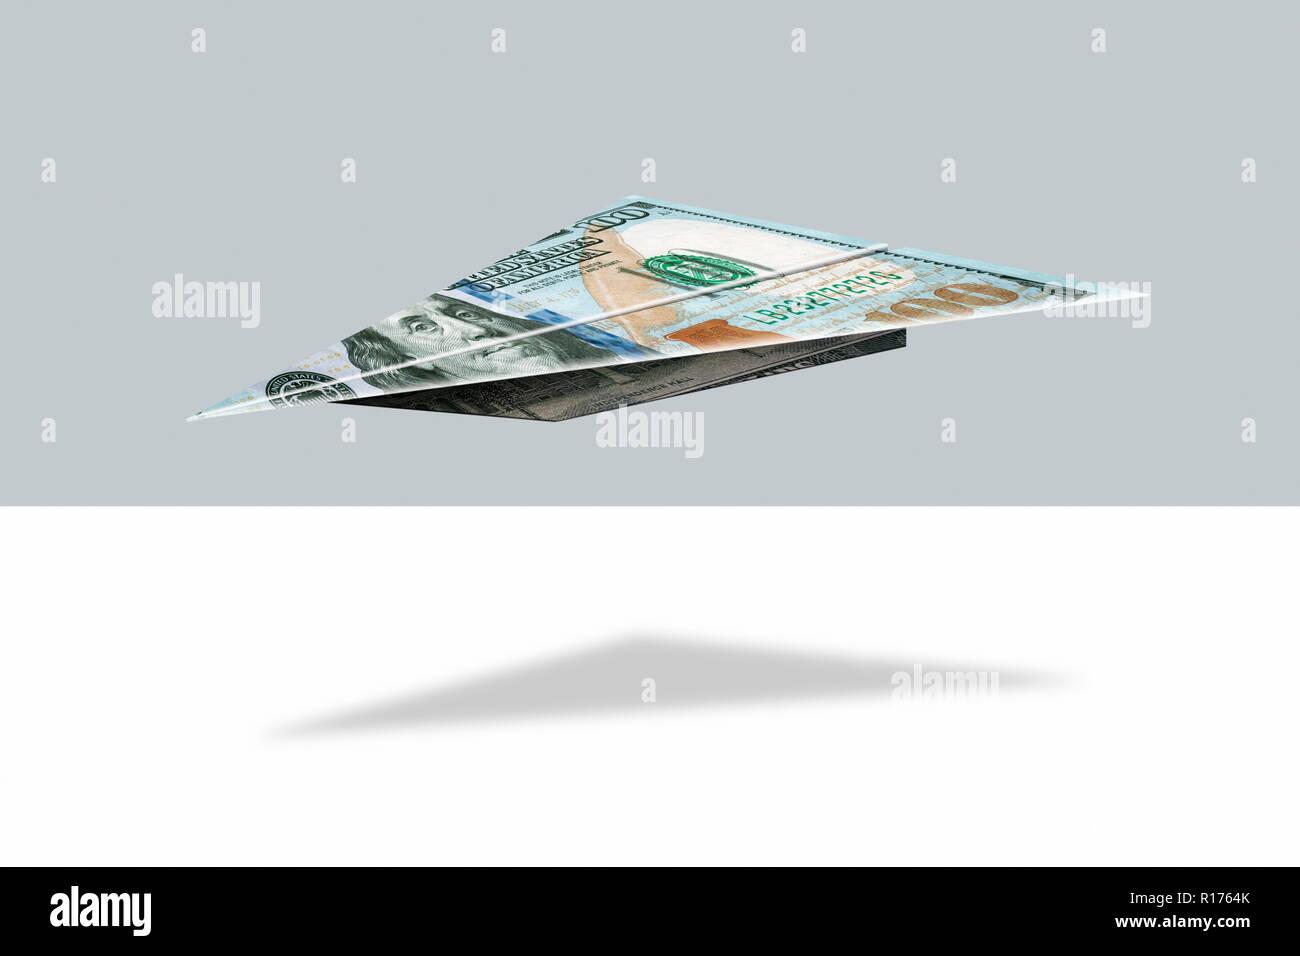 US dollar note folded into shape of plane, grey background - Stock Image